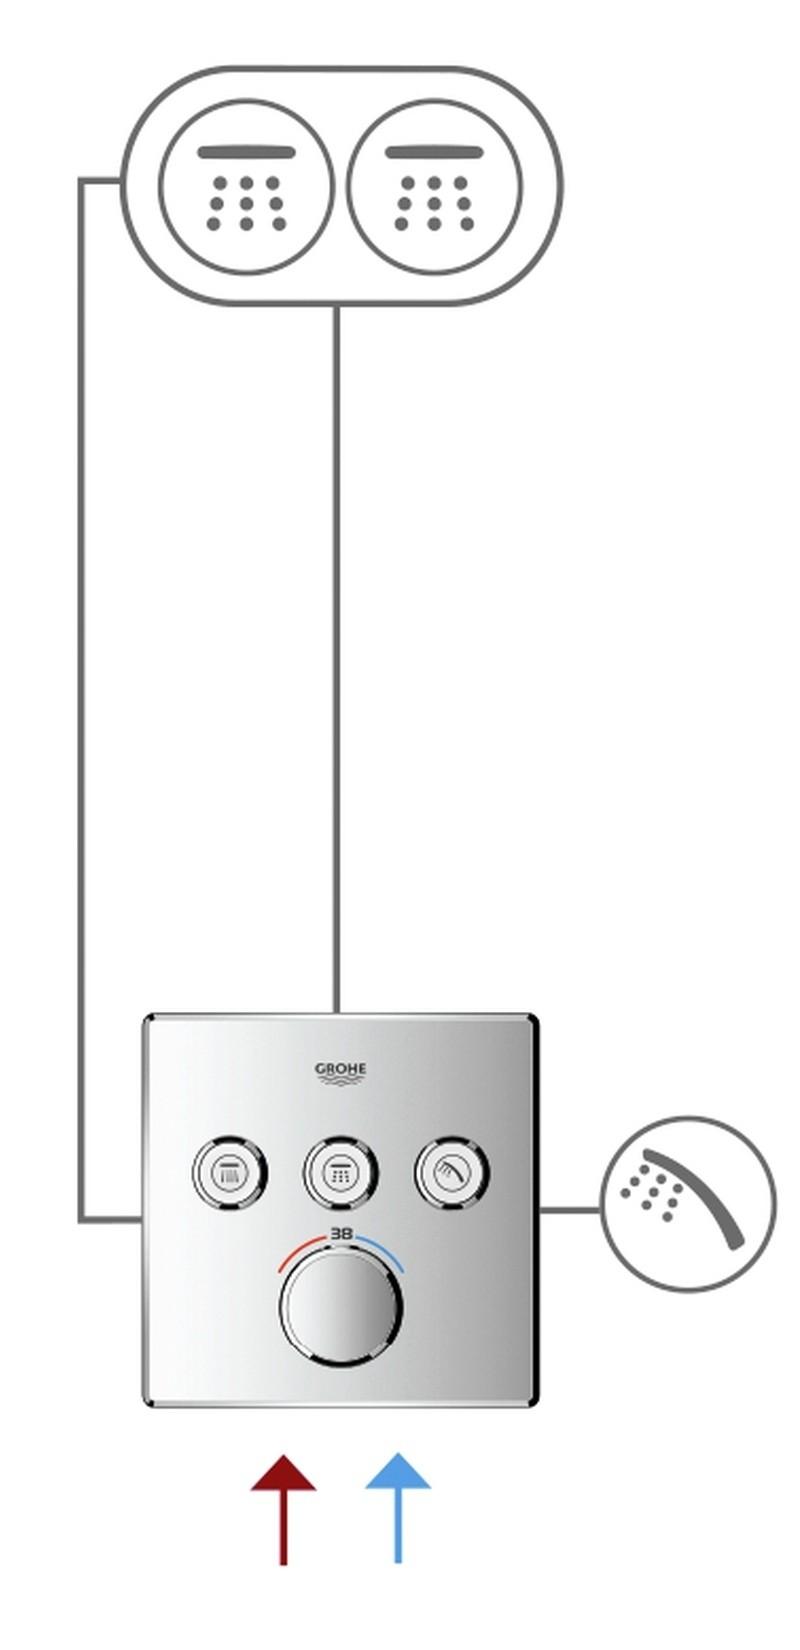 grohe smartcontrol unterputz mischer f r 3 verbraucher xtwostore. Black Bedroom Furniture Sets. Home Design Ideas